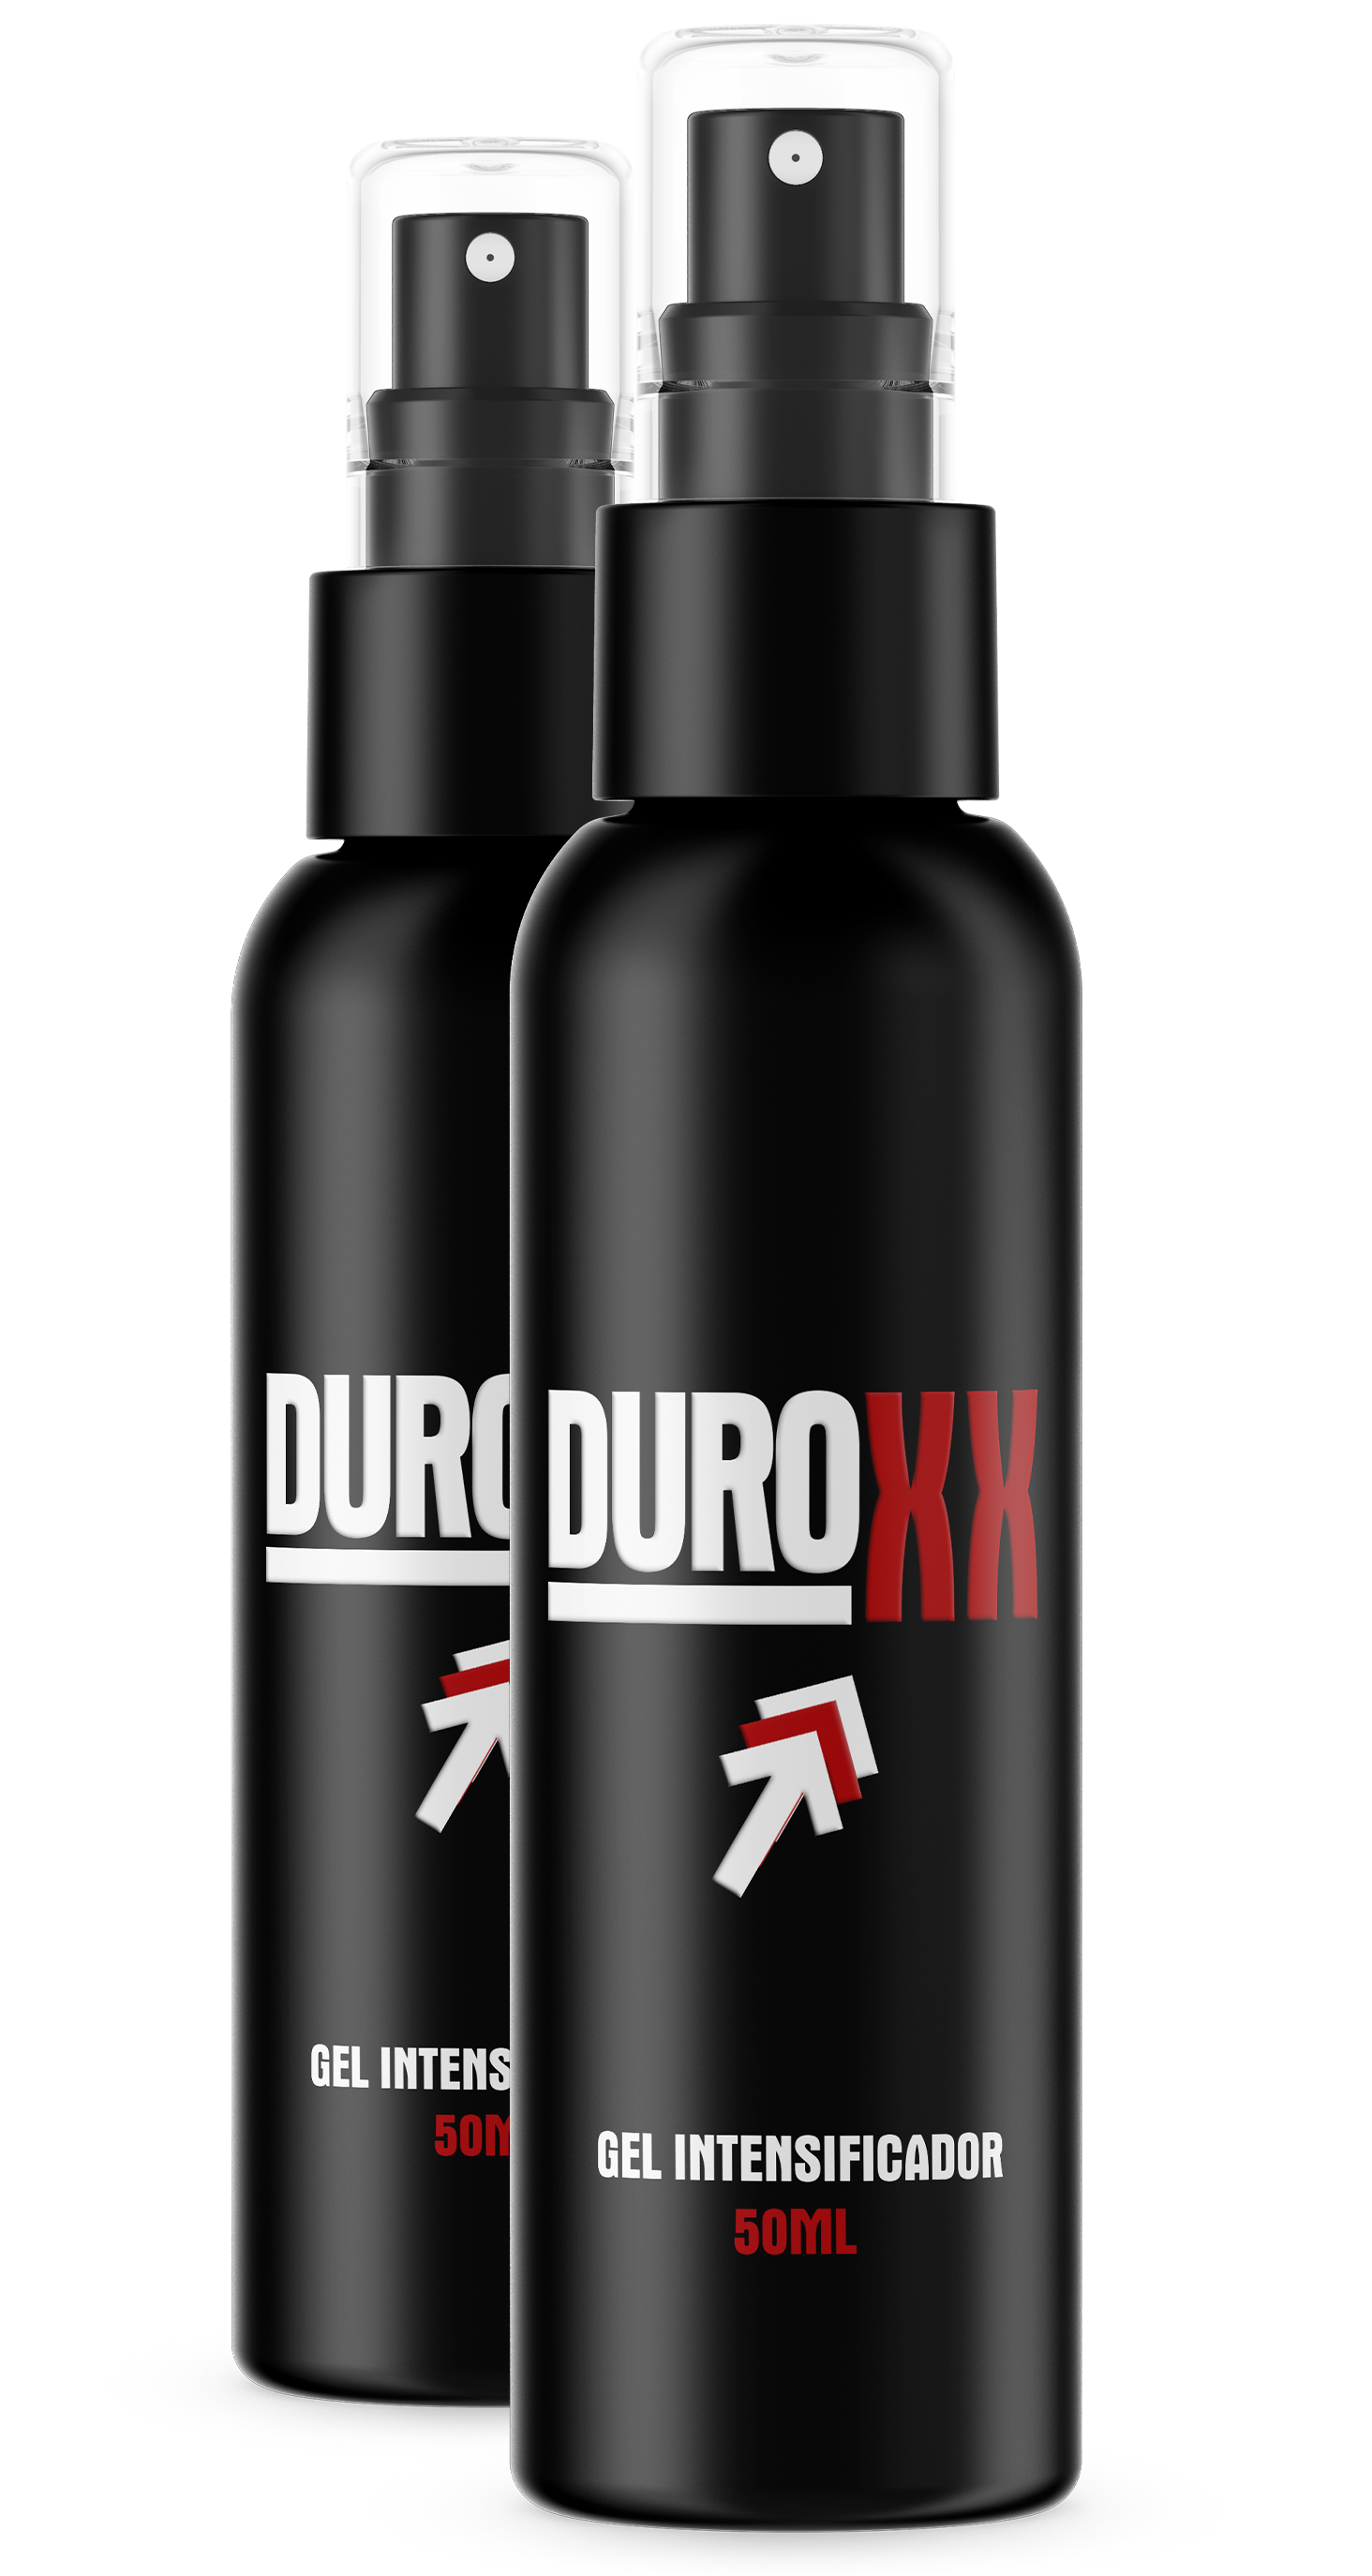 DUROXX Gel